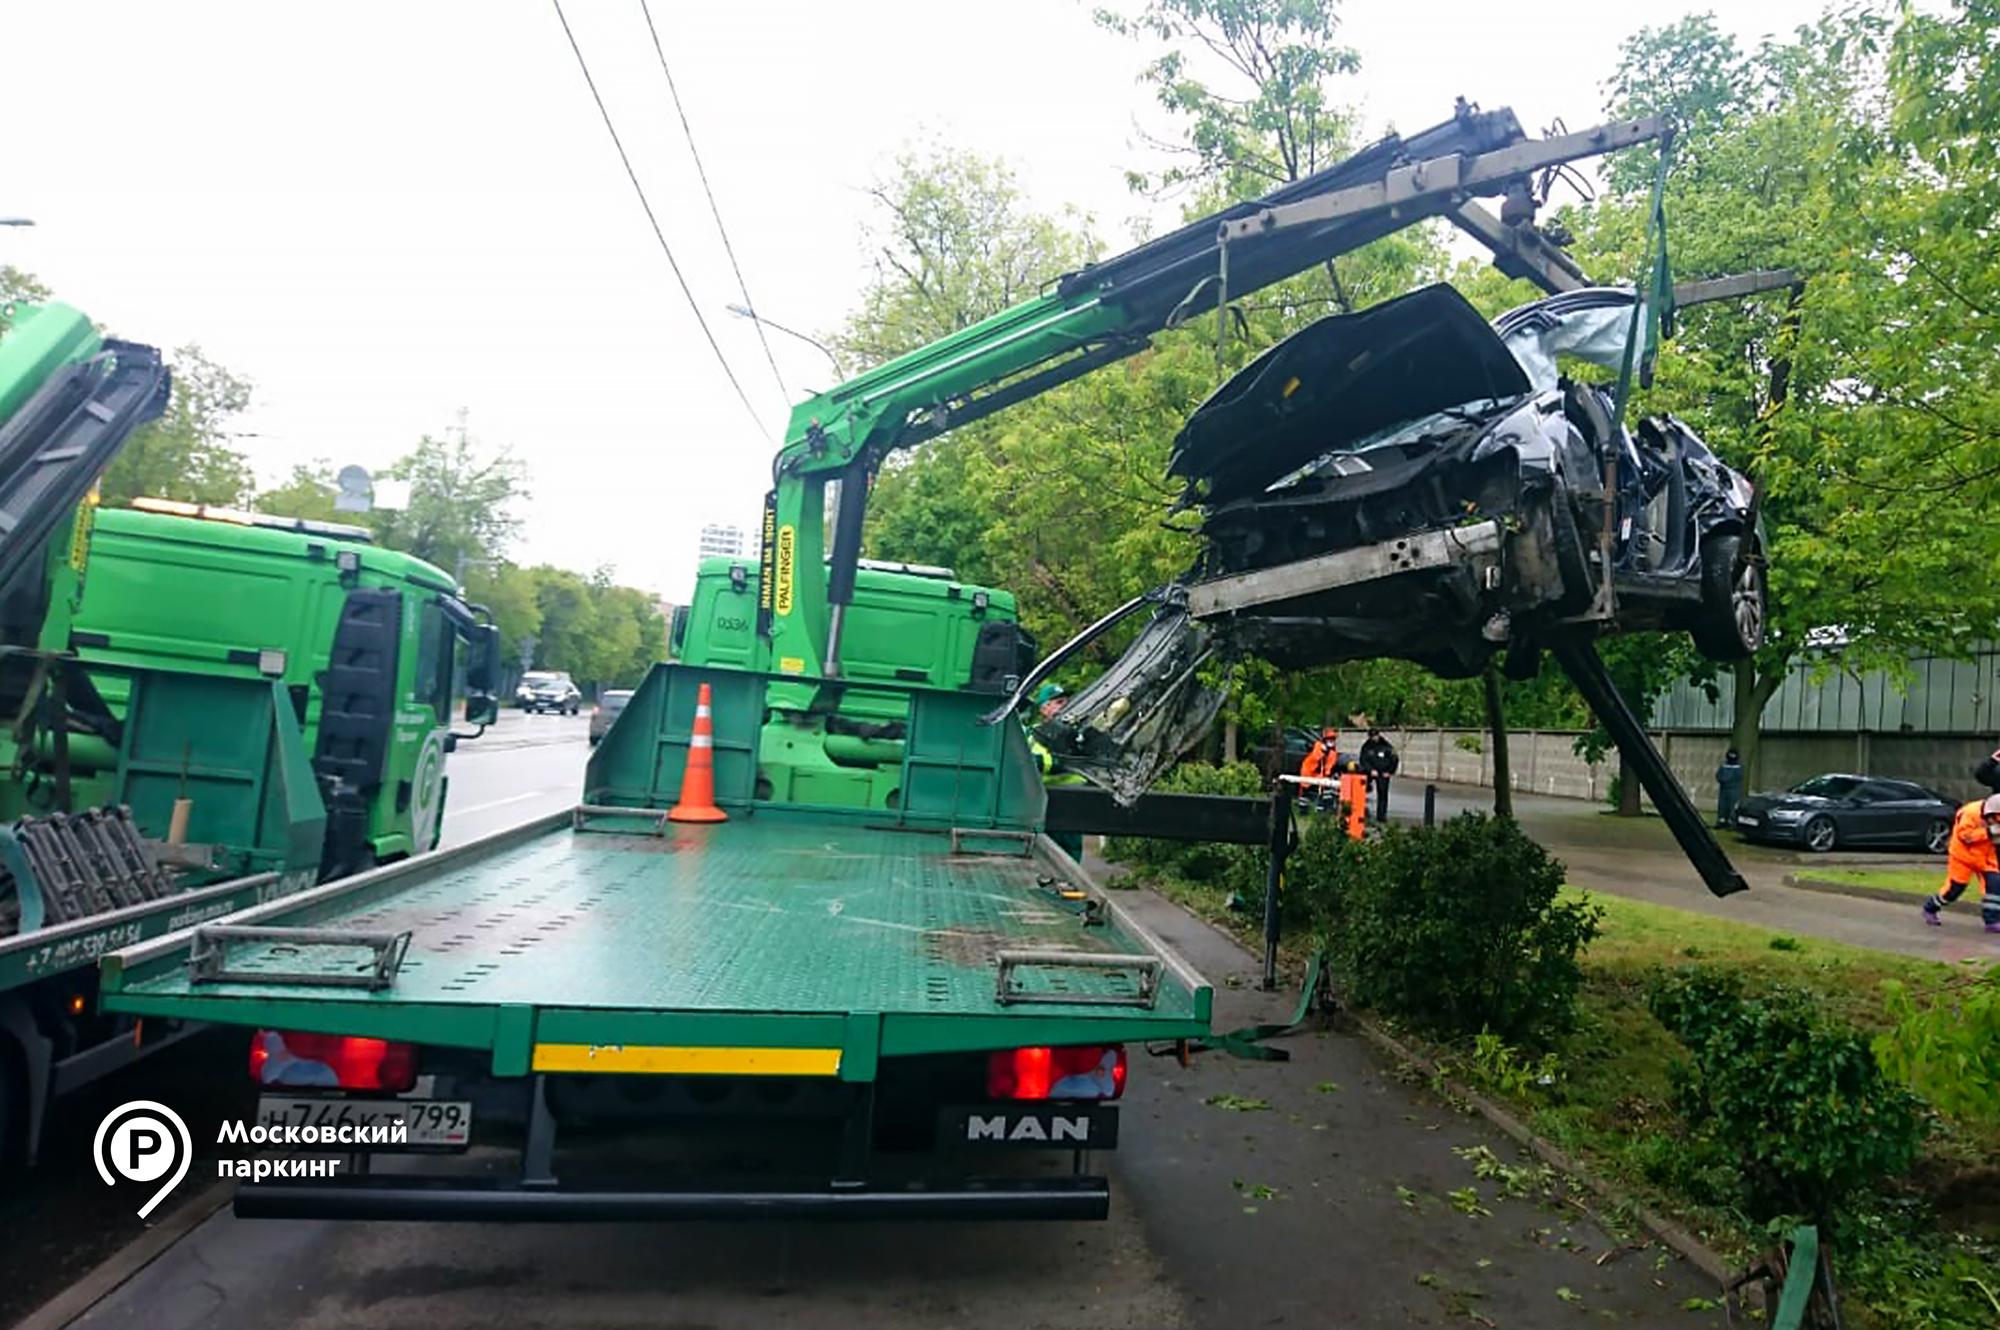 Эвакуаторы транспортного комплекса Москвы бесплатно помогли 120 автомобилистам, попавшим в ДТП в мае